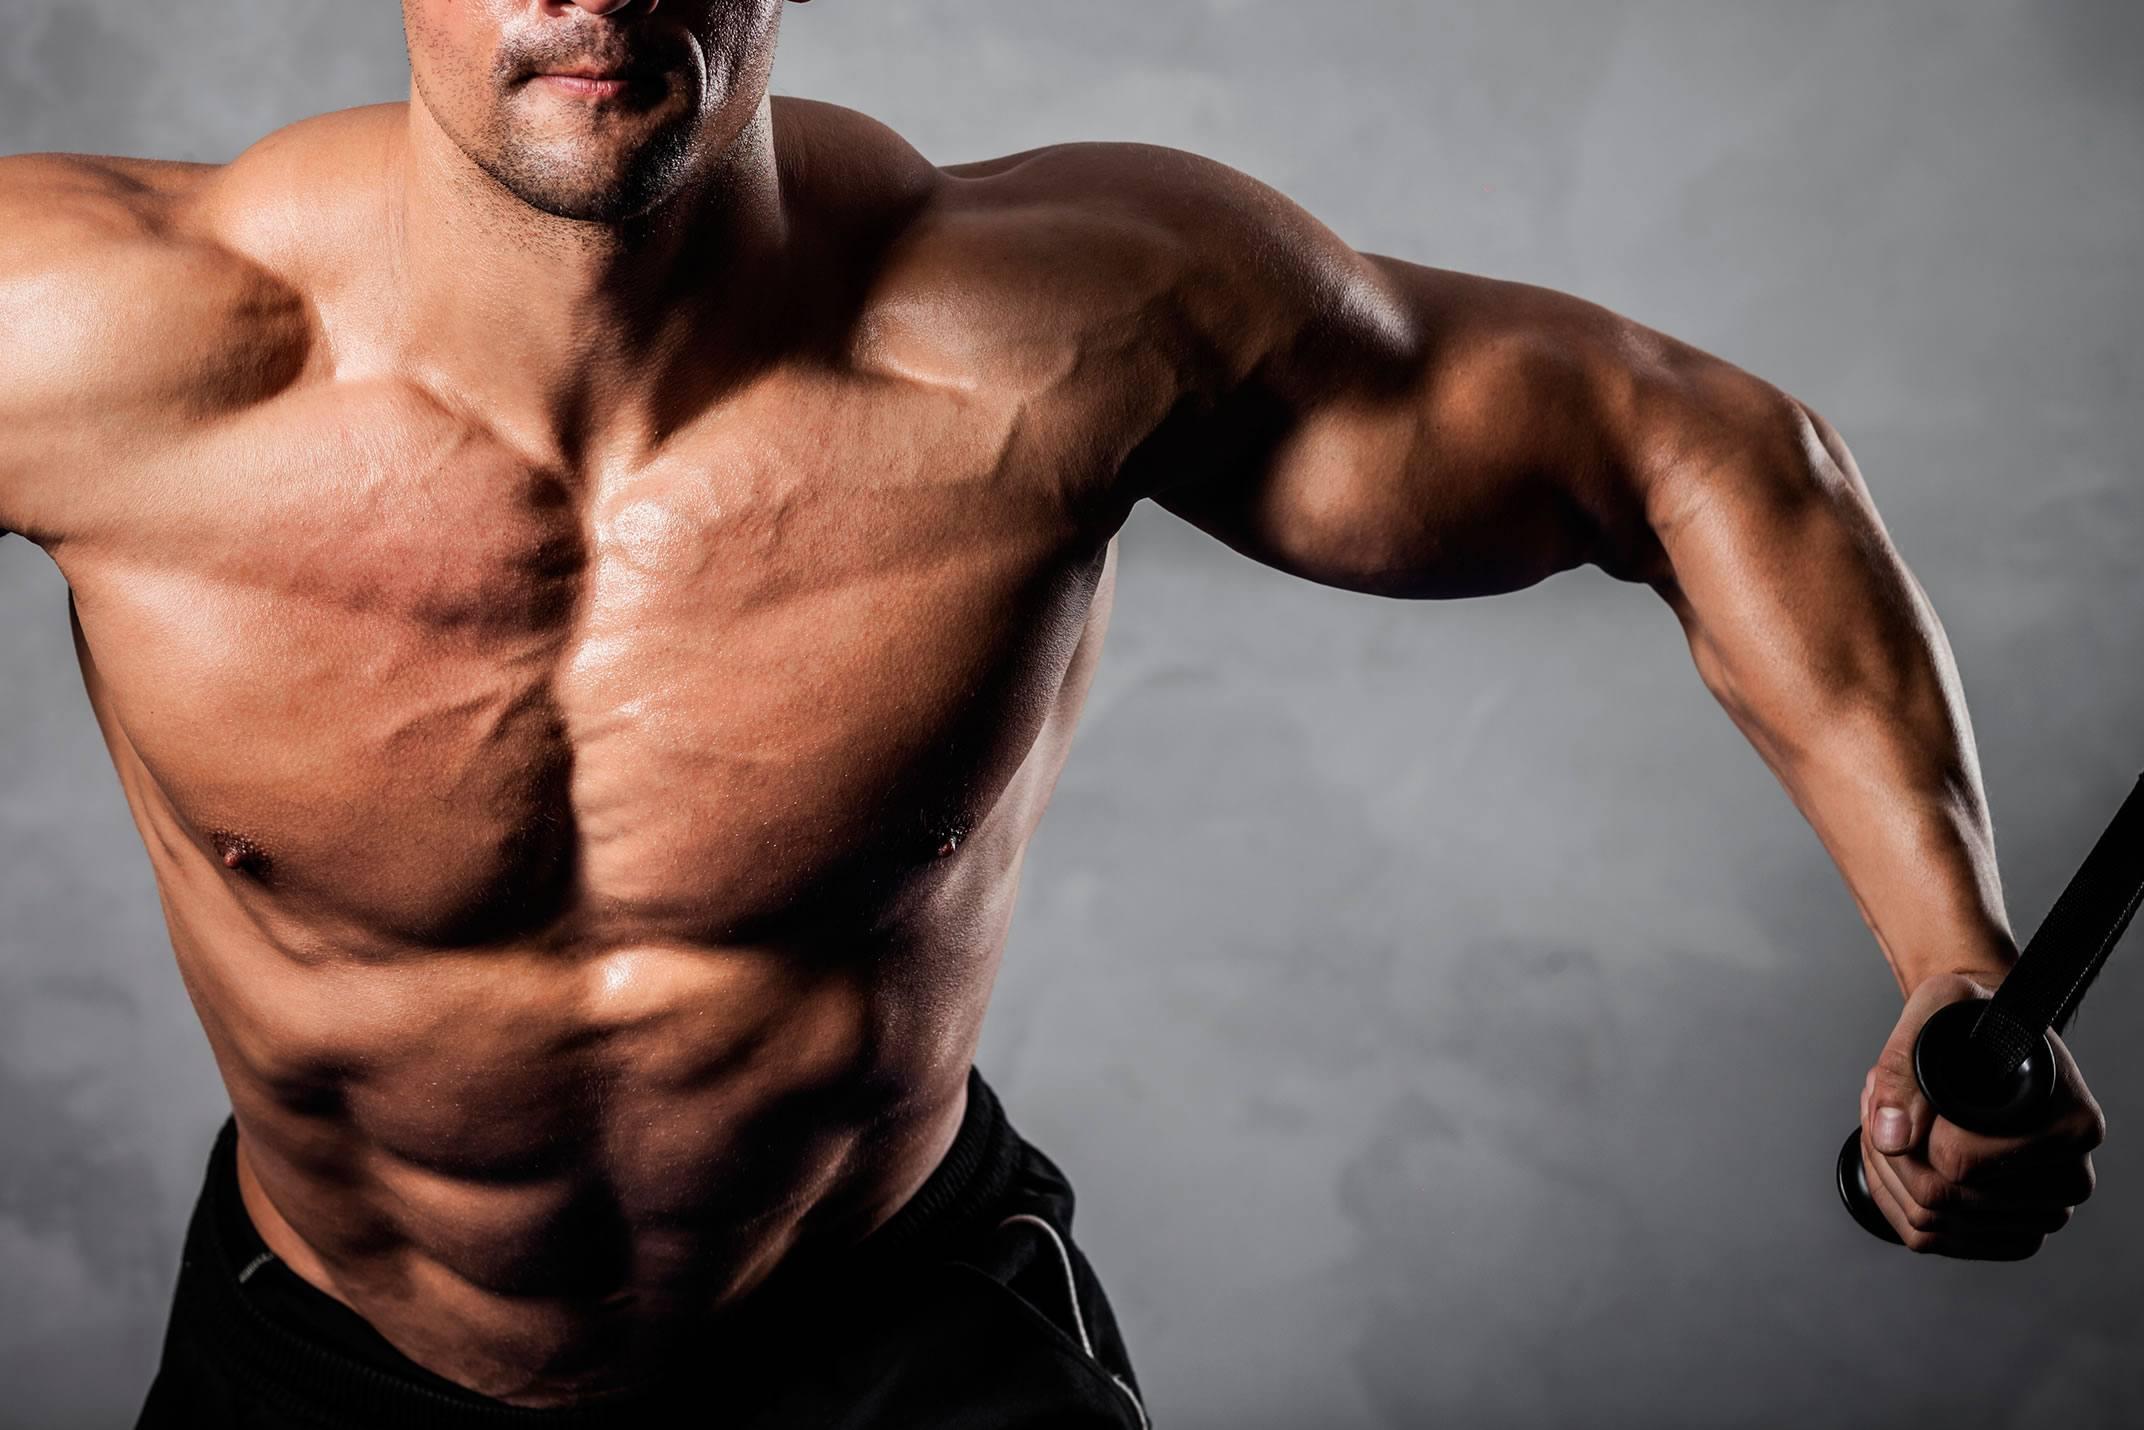 Proteína da Ervilha é uma Alternativa Eficaz ao Whey Protein no Aumento da Espessura Muscular